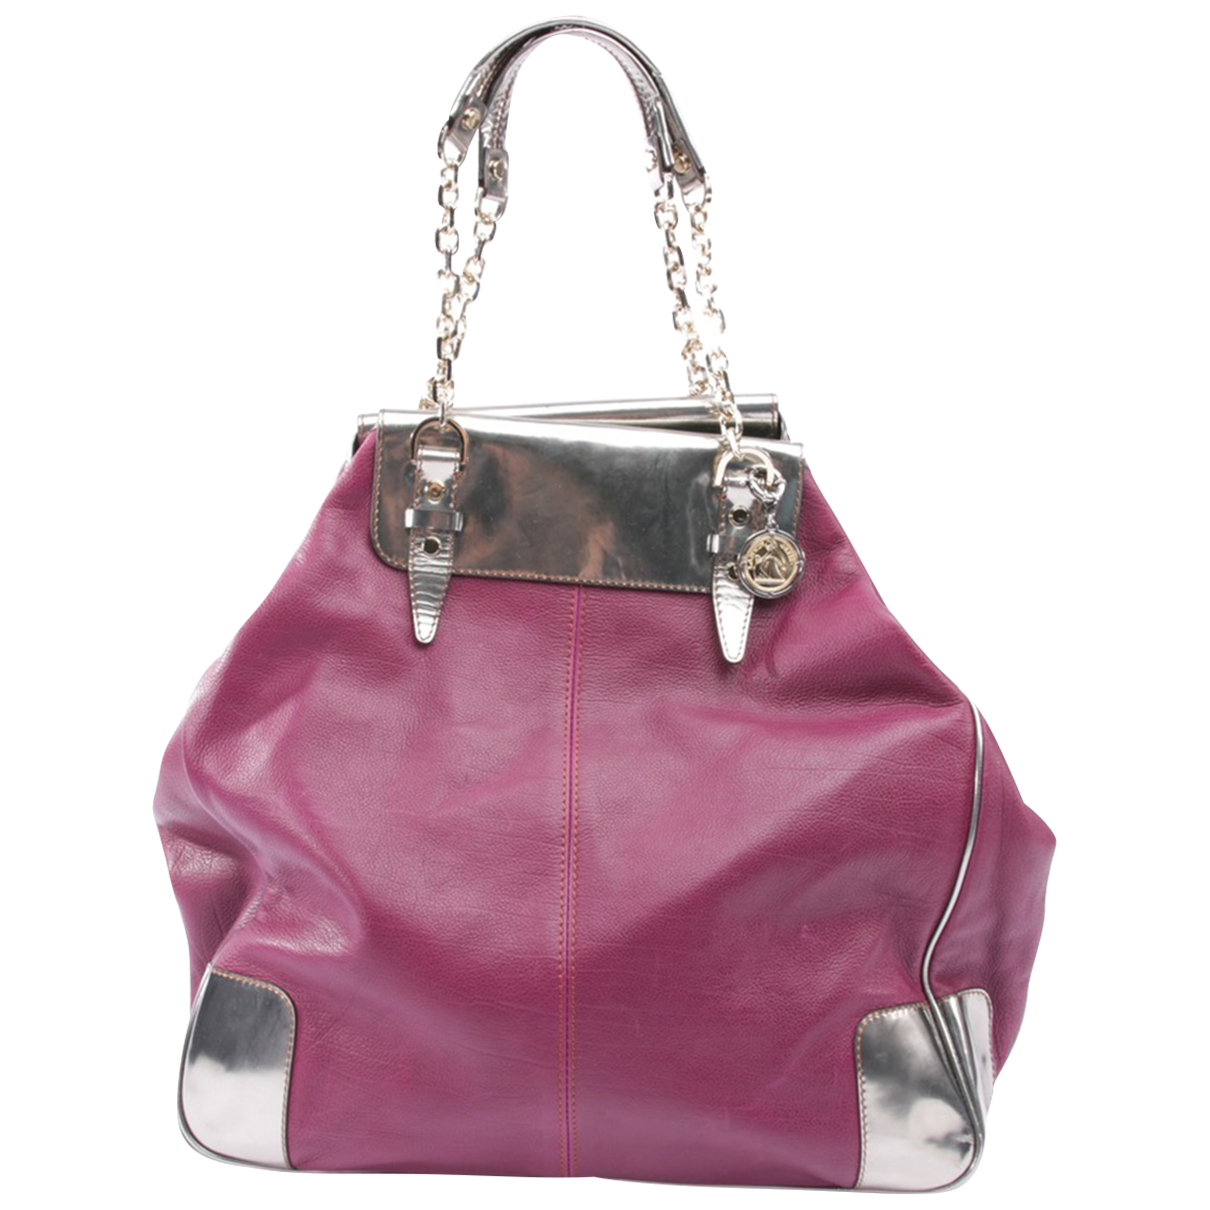 Lanvin - Sac a main   pour femme en cuir - violet